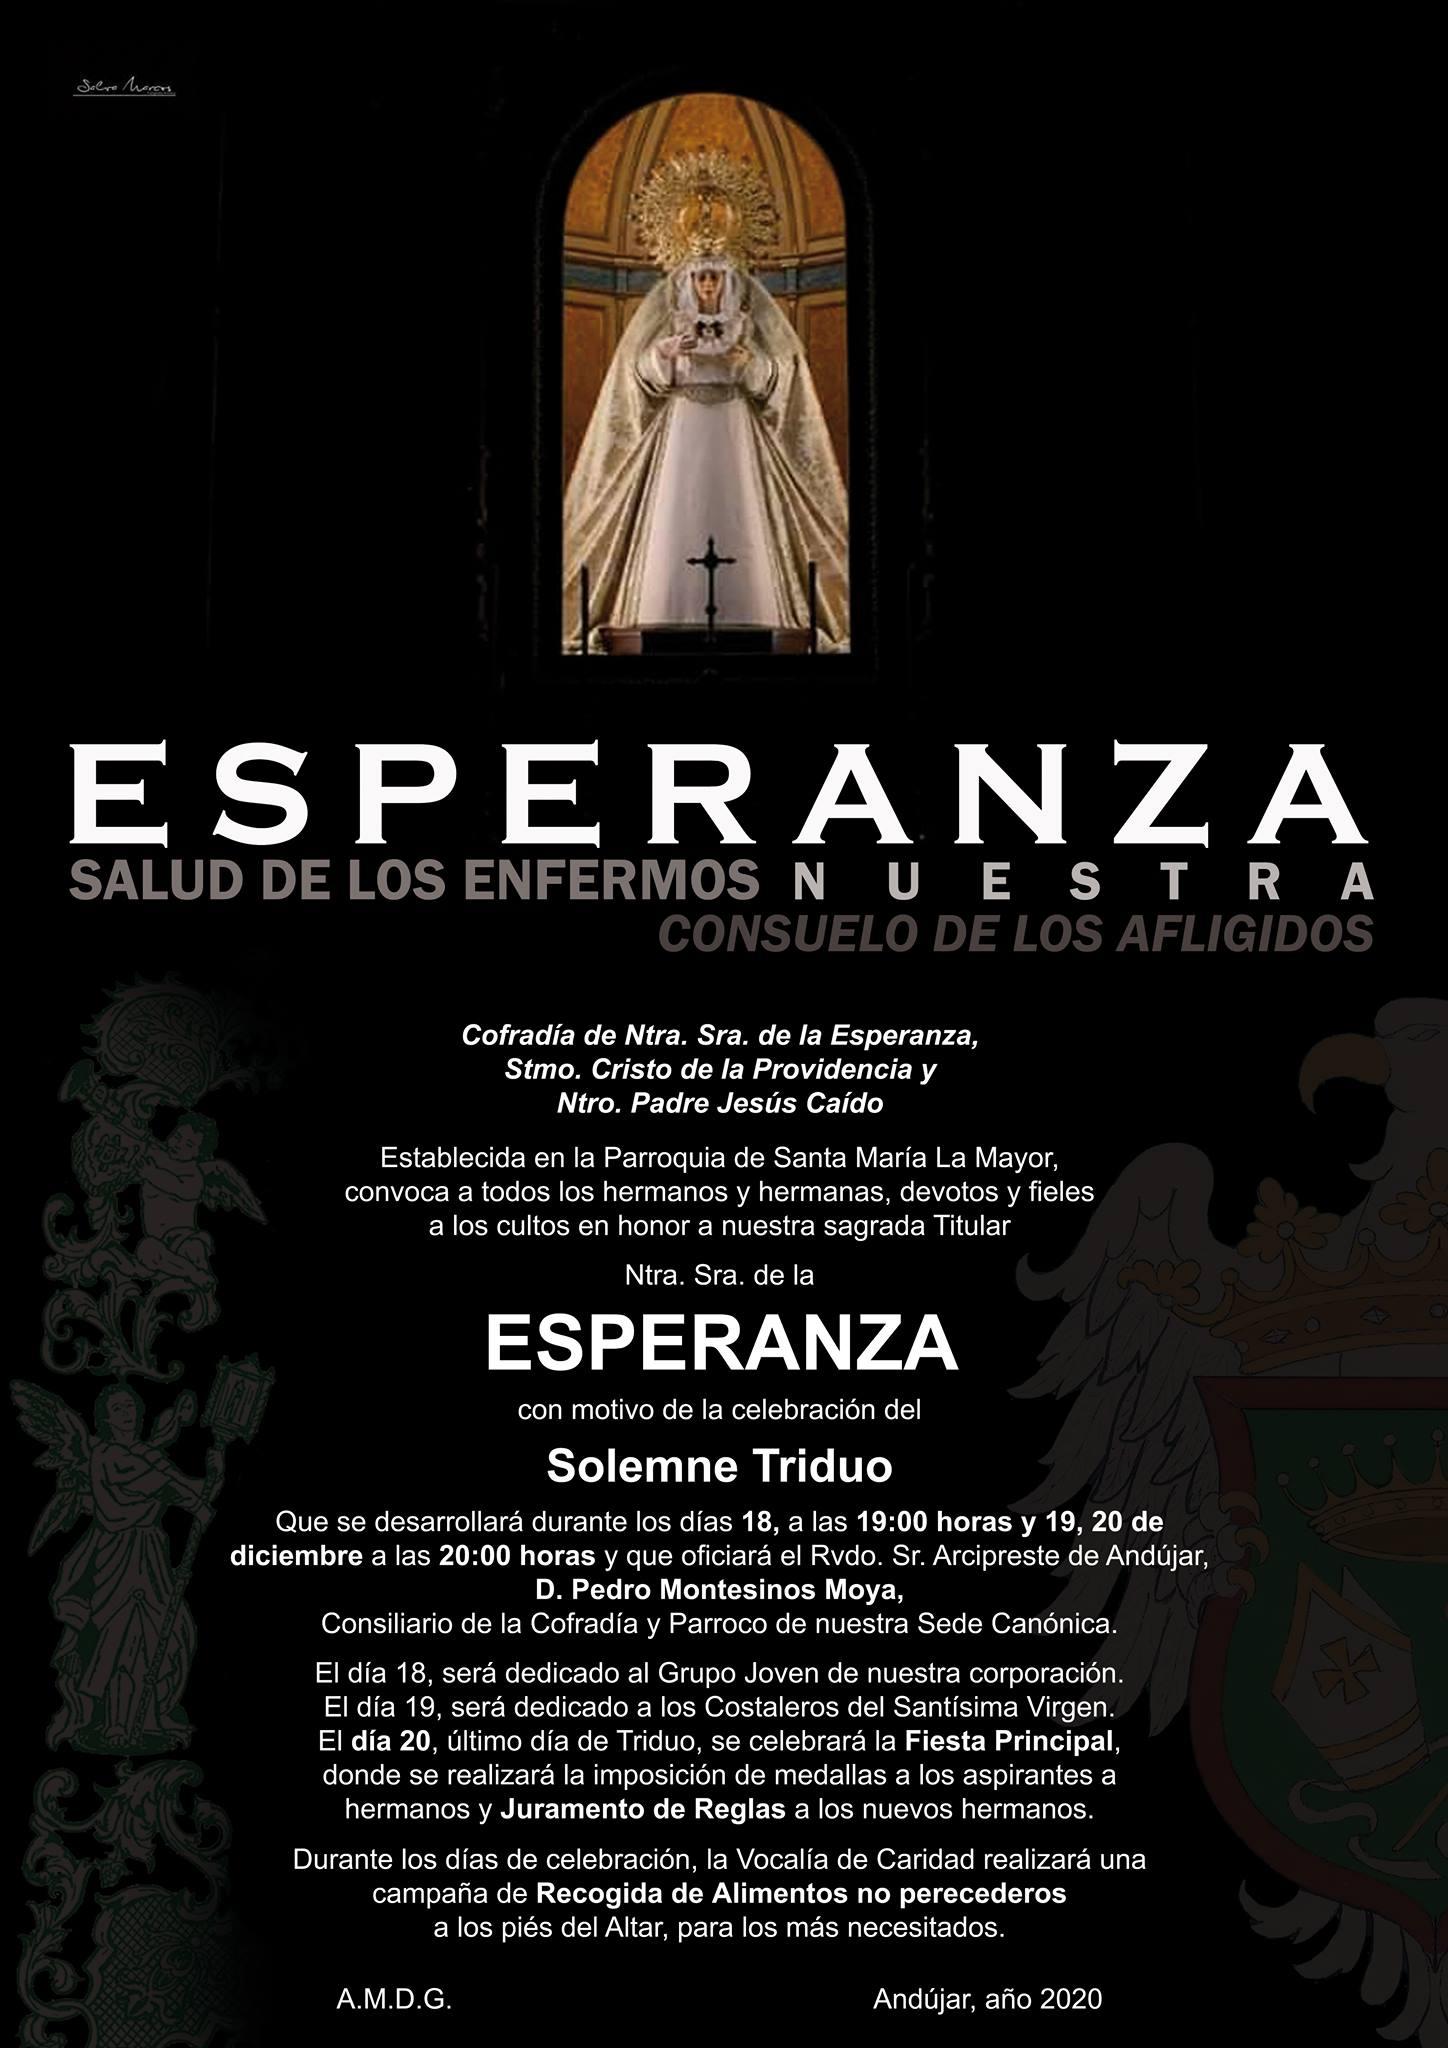 Cartel del Triduo en Honor a Ntra. Sra. de la Esperanza 2020